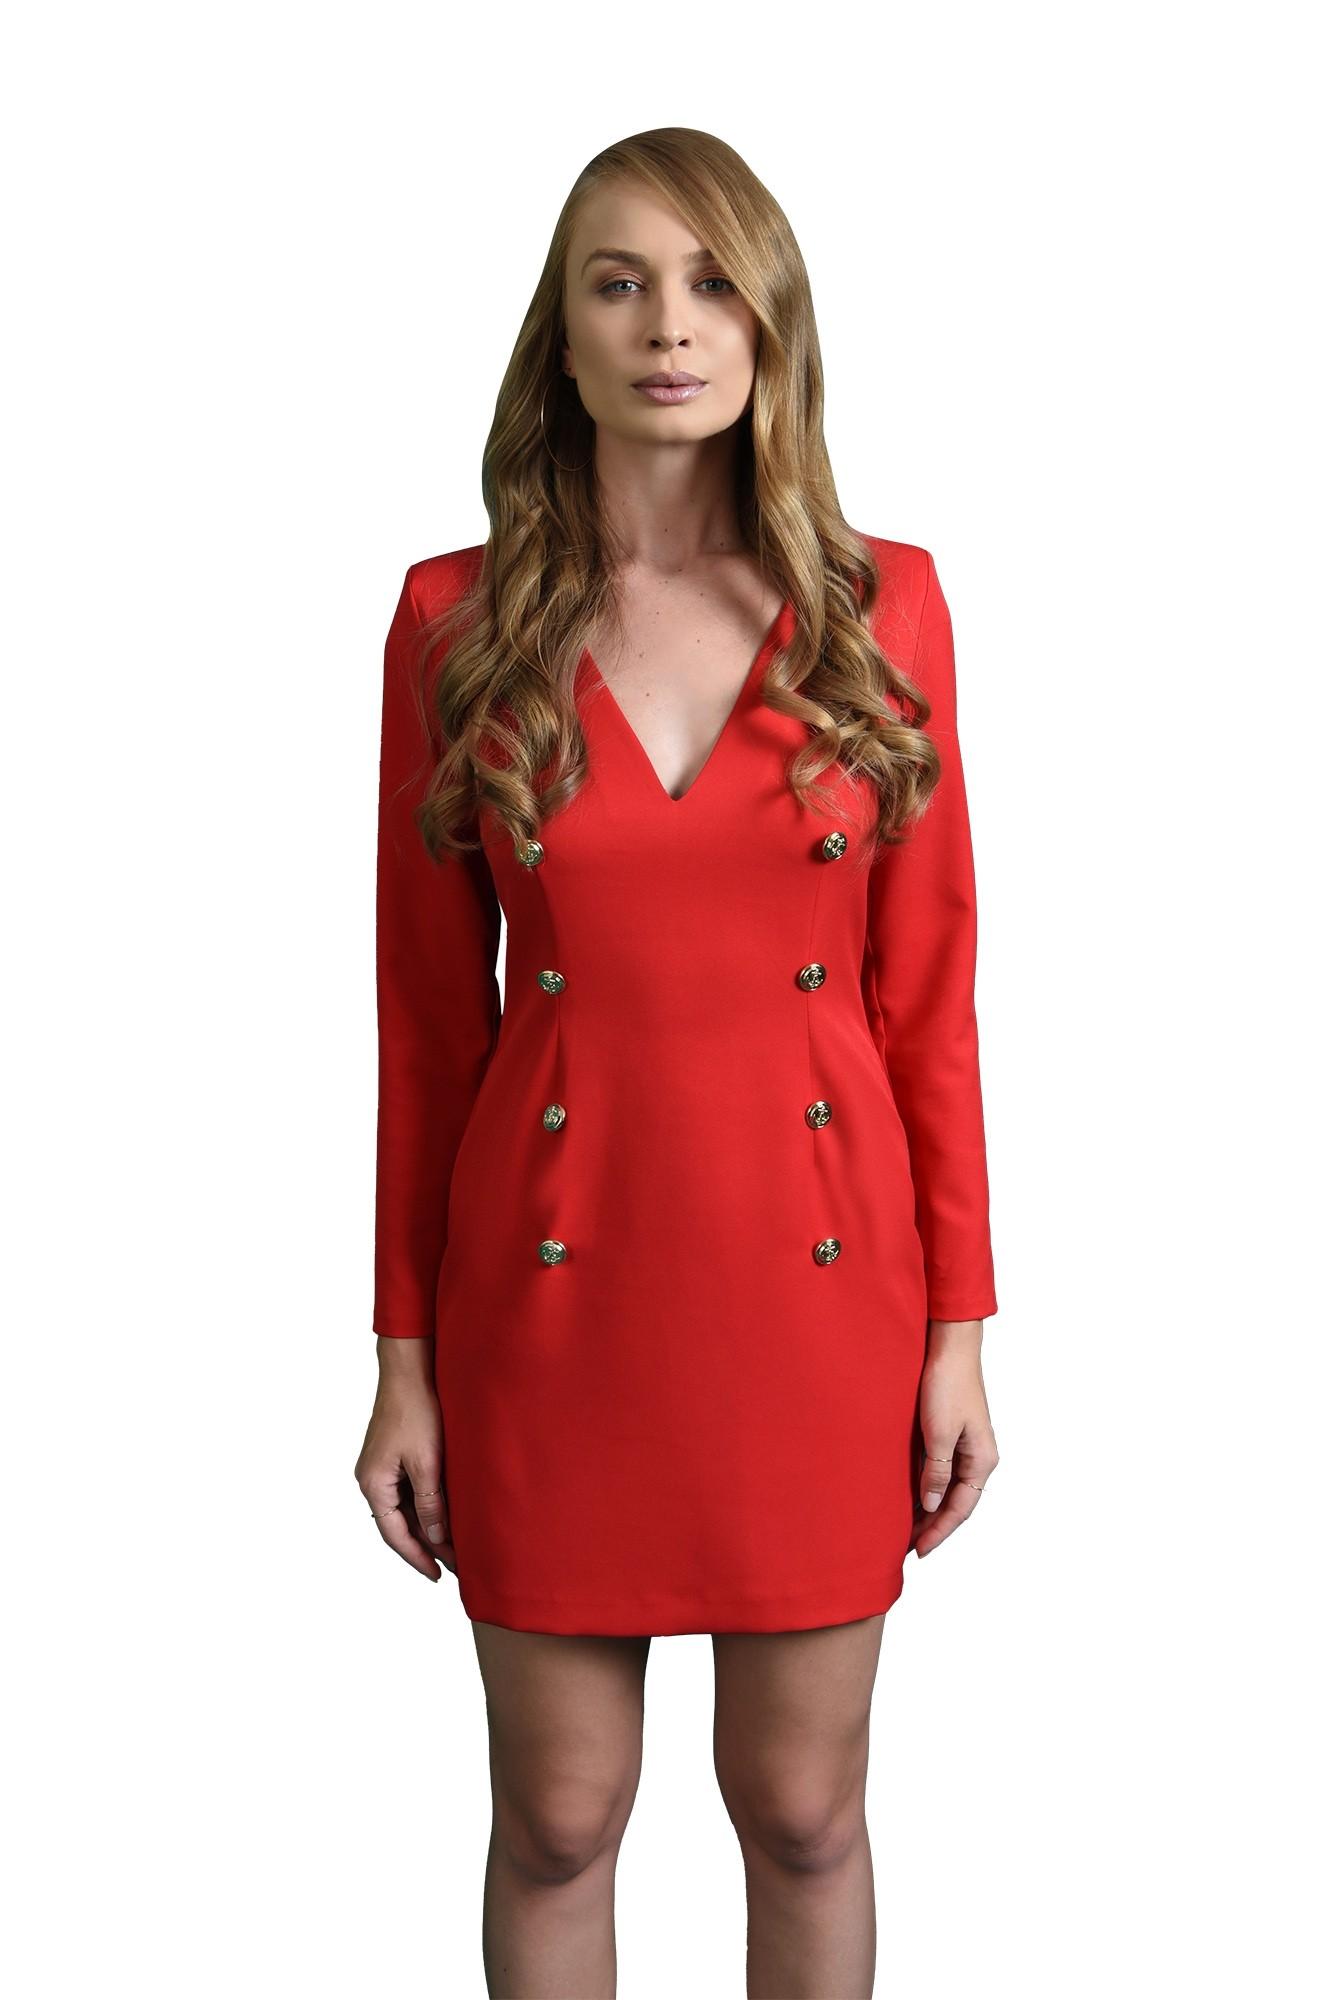 rochie rosie, cu nasturi aurii, cu maneca lunga